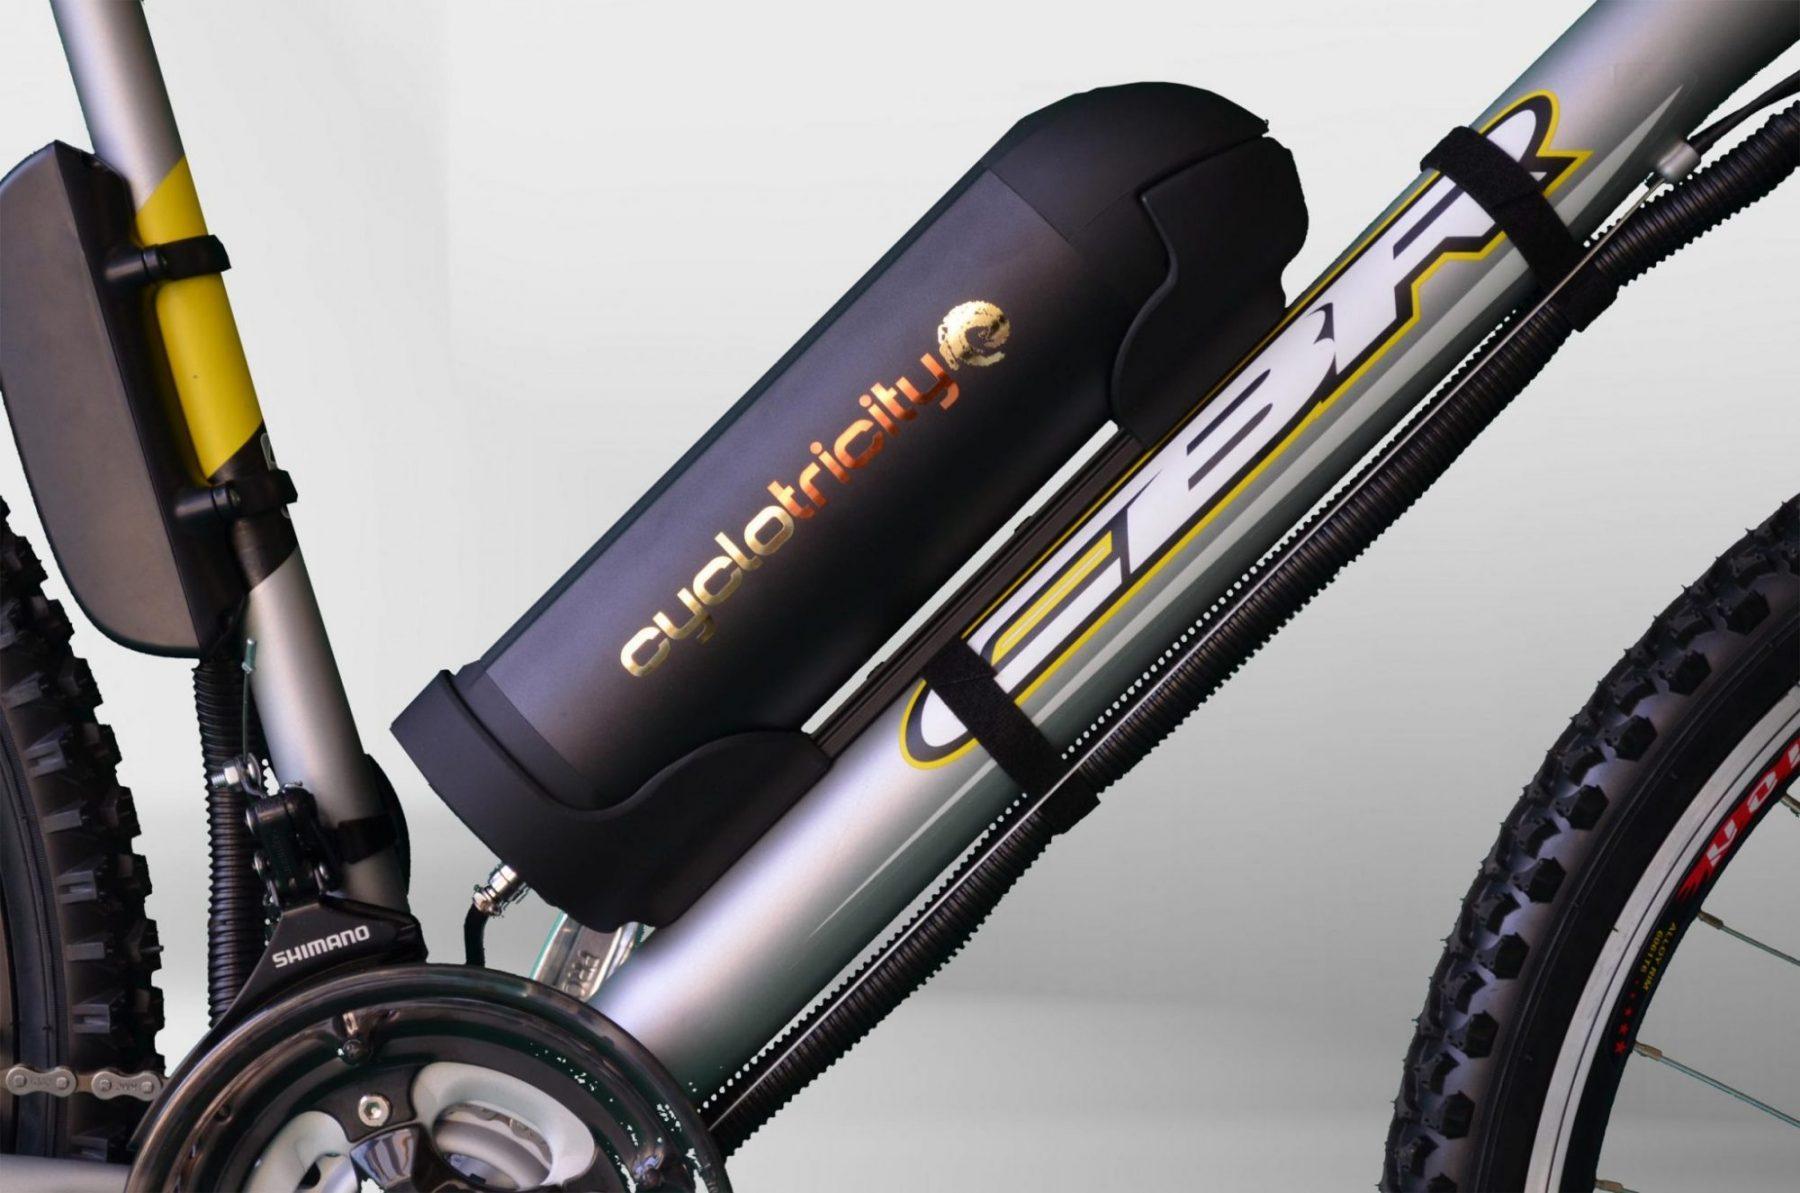 Батериите на електрическите велосипеди имат по-дълъг живот от очакваното